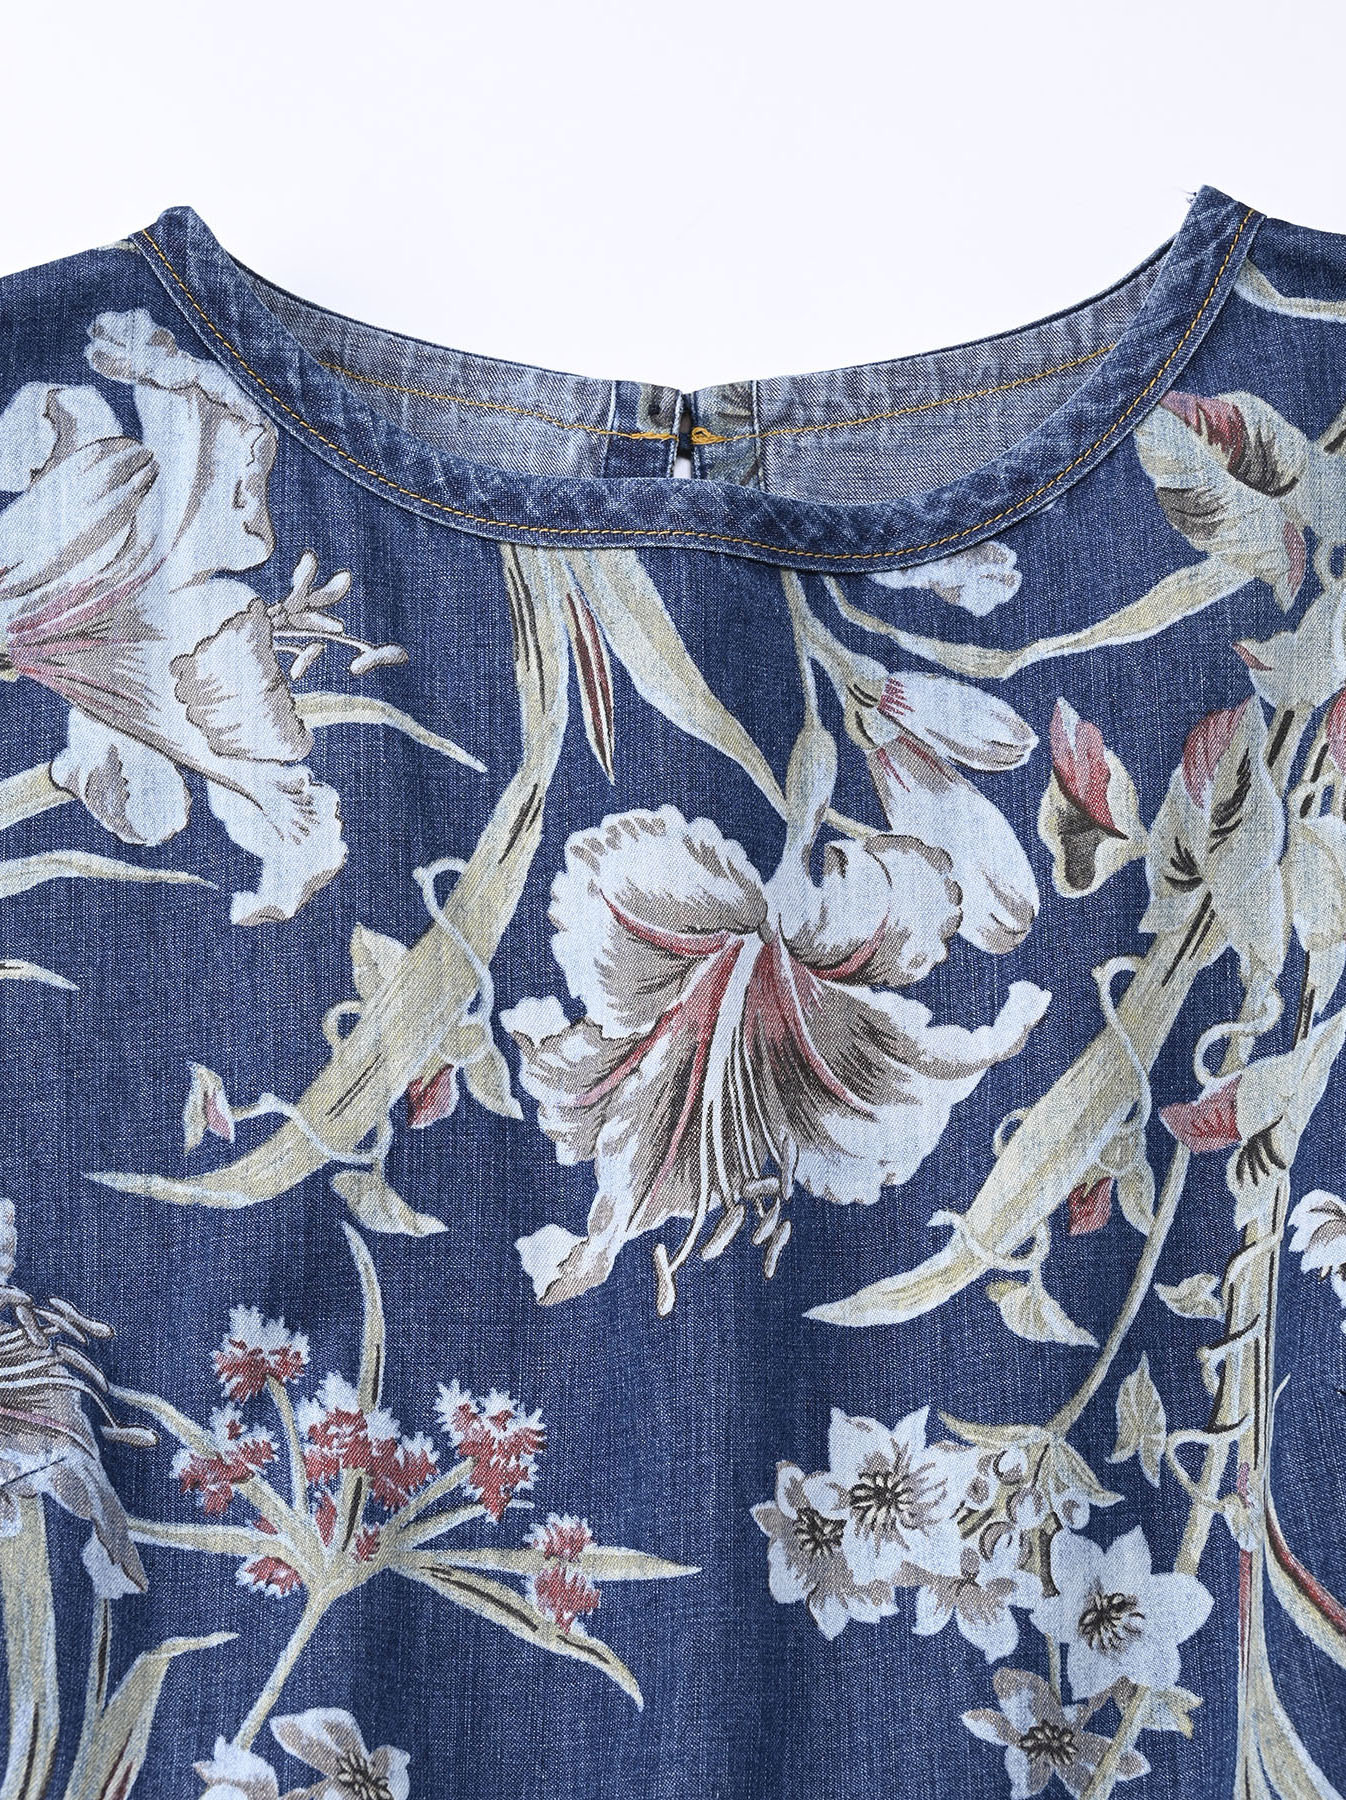 Cotton Lily Print Dress (0521)-5